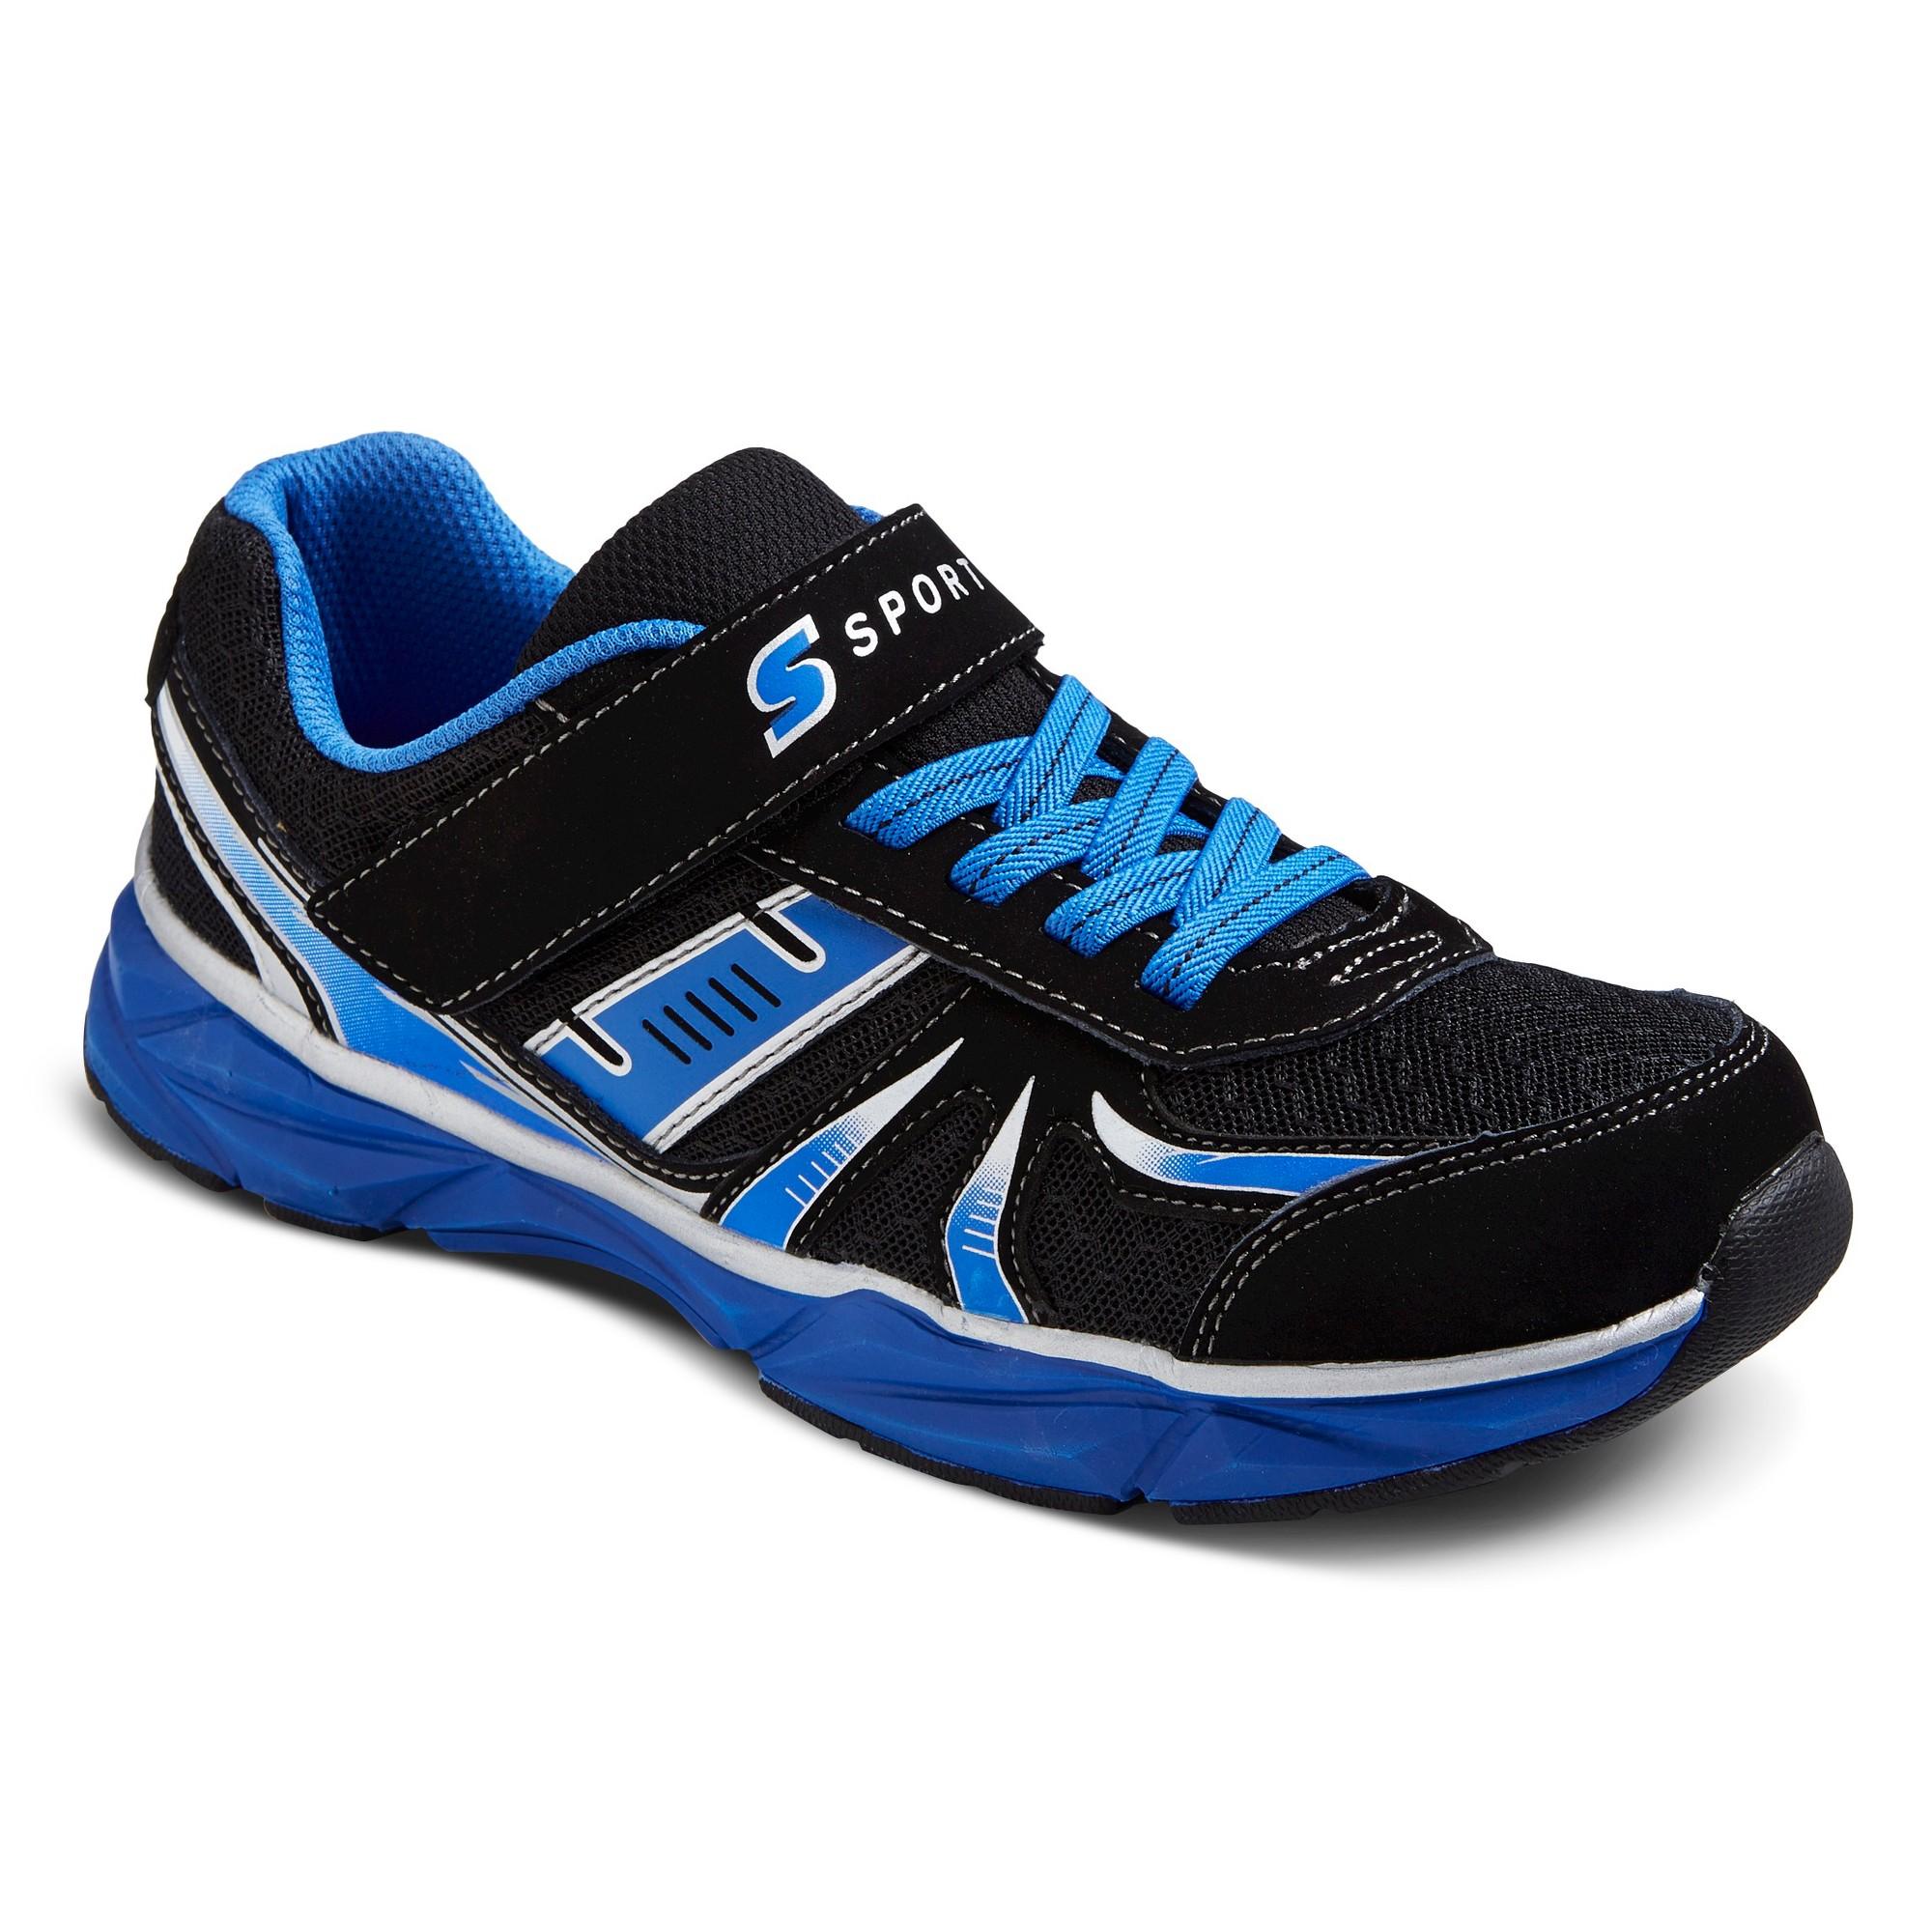 S Sport Designed by Skechers Ignite Sneakers Blue 5, Boy's